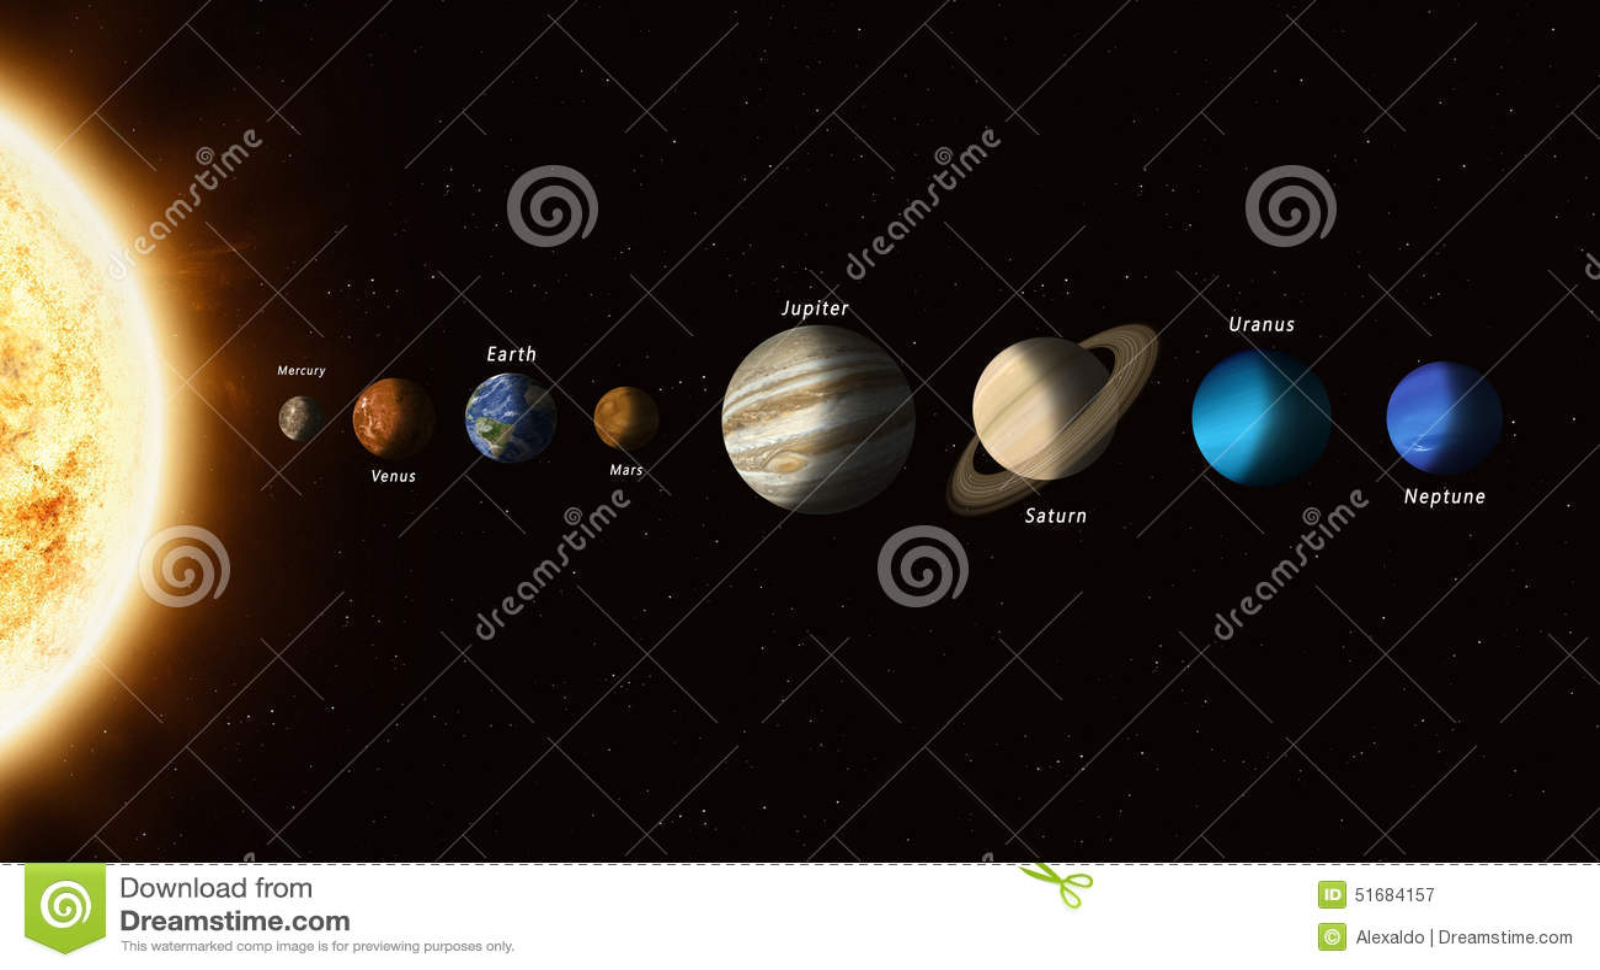 Planeten Des Sonnensystems Stock Abbildung  Illustration Von Uranus